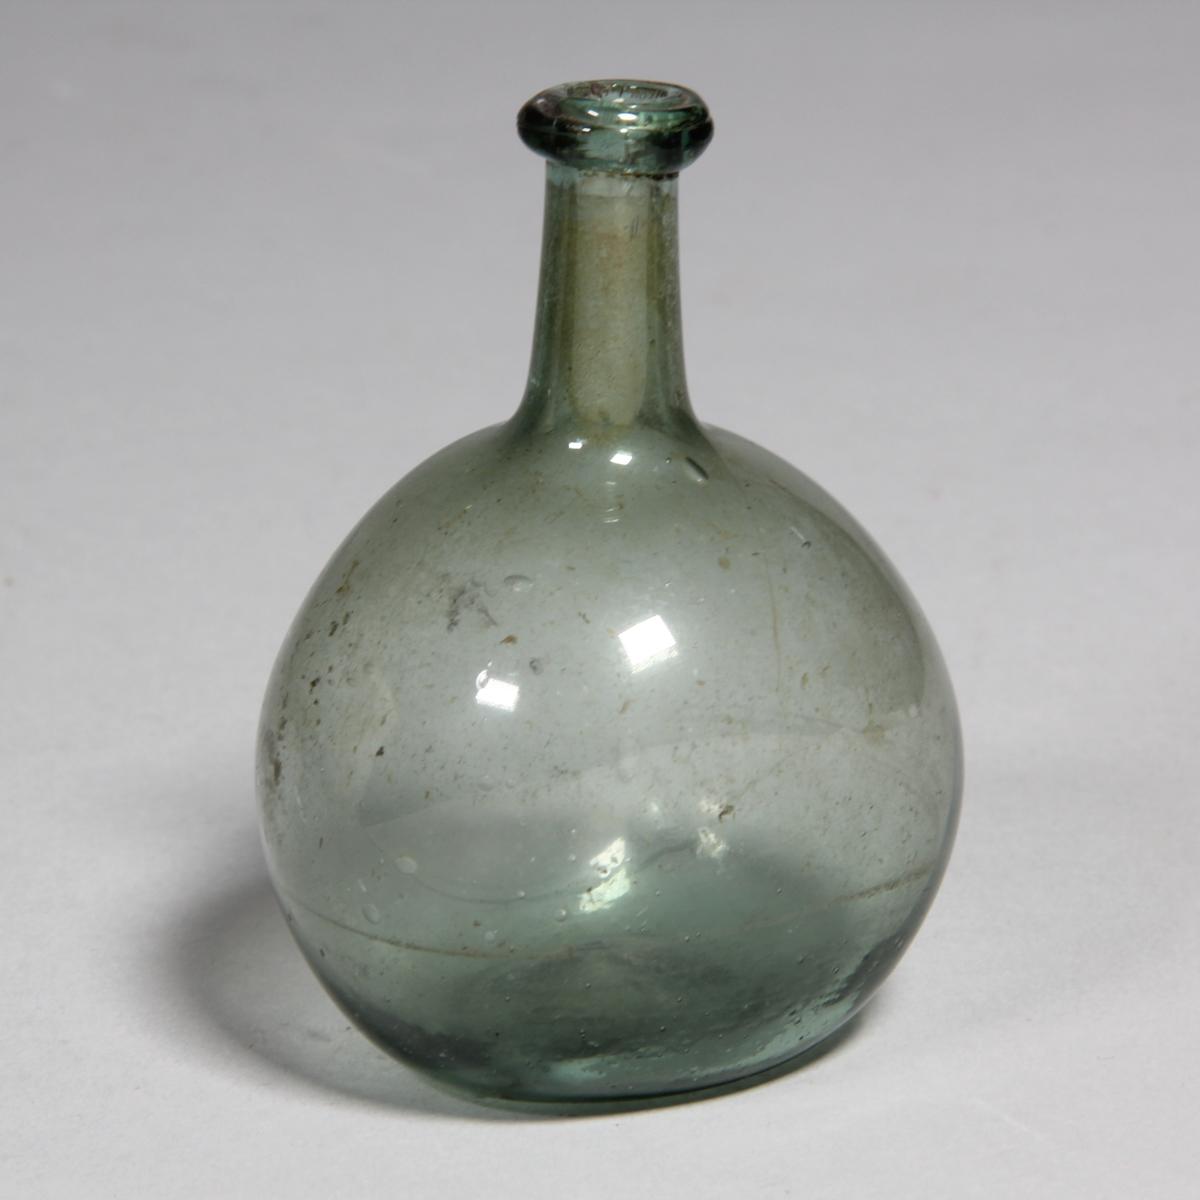 Flaska av grönt glas, rund med tillplattade sidor och hög hals.